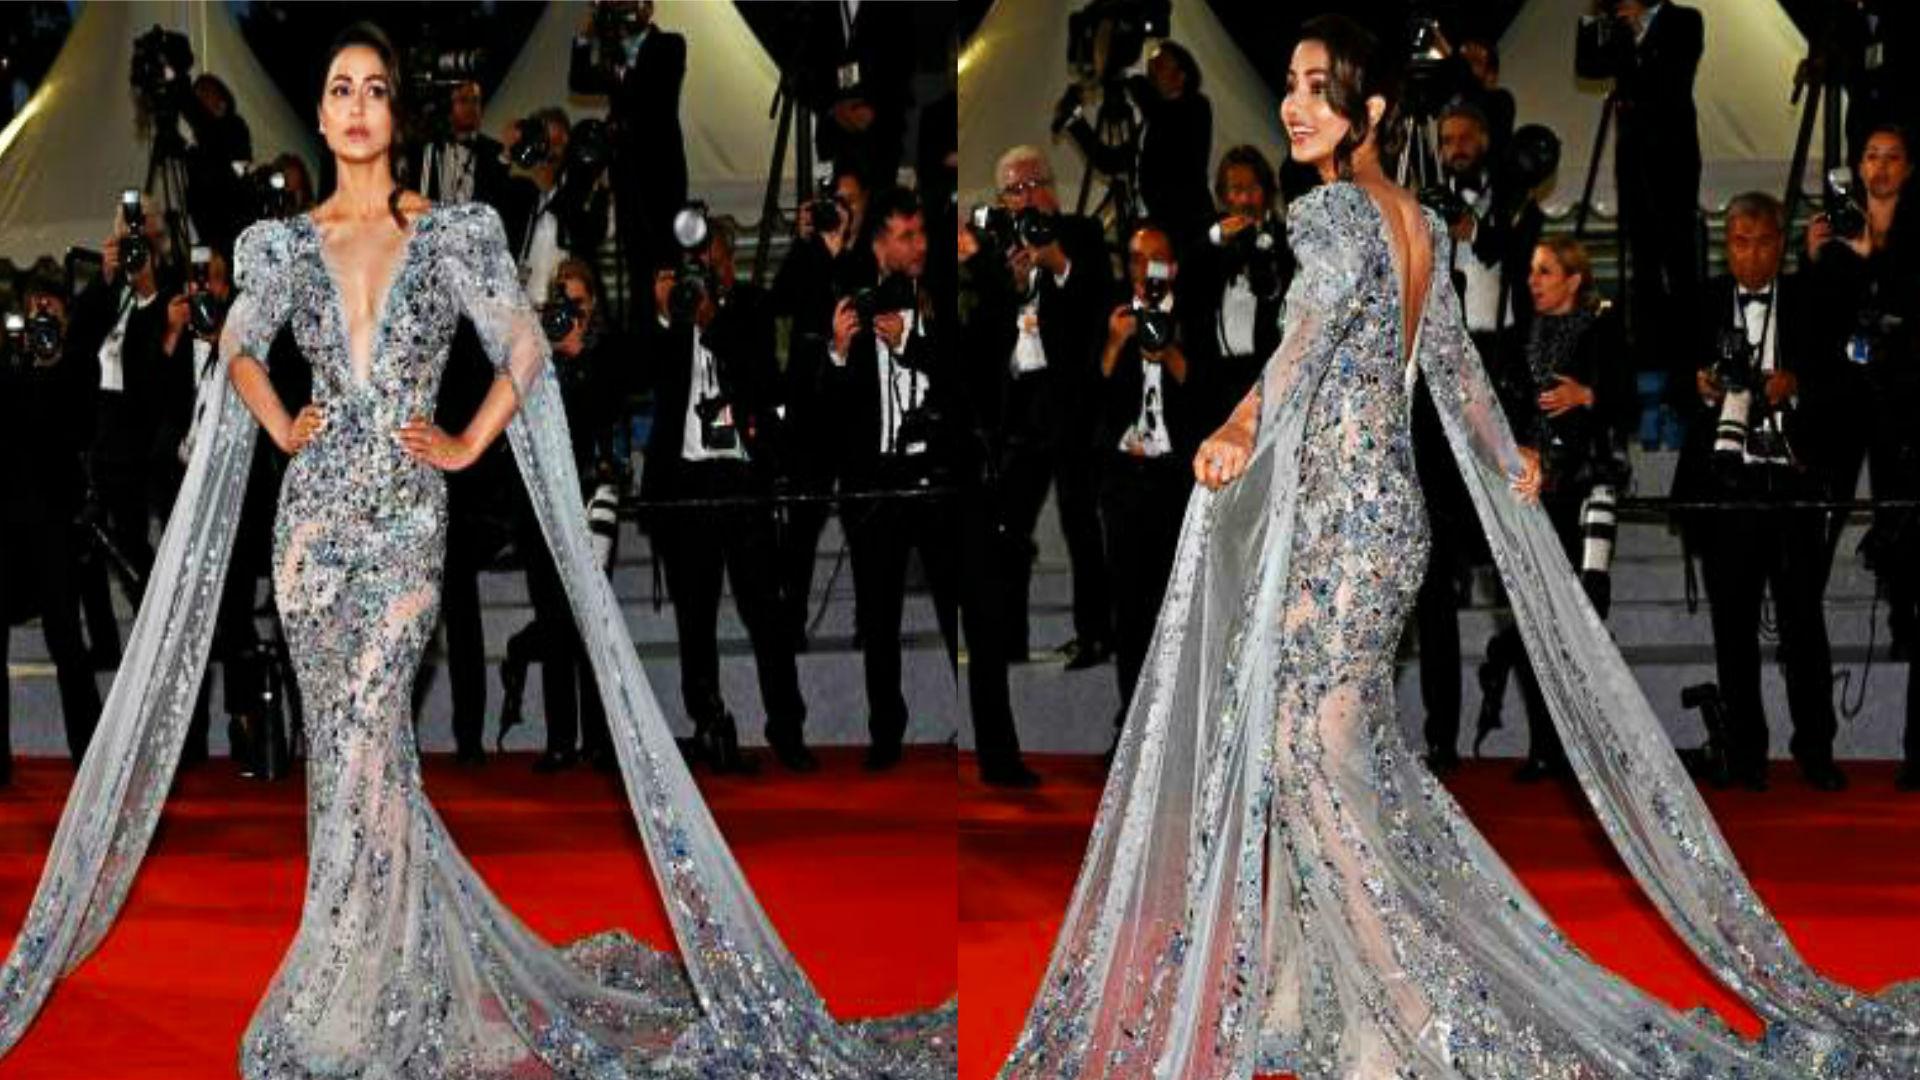 Cannes 2019: कान्स के रेड कार्पेट पर हिना खान को इस बात का लग रहा था डर, शेयर किया मजेदार किस्सा